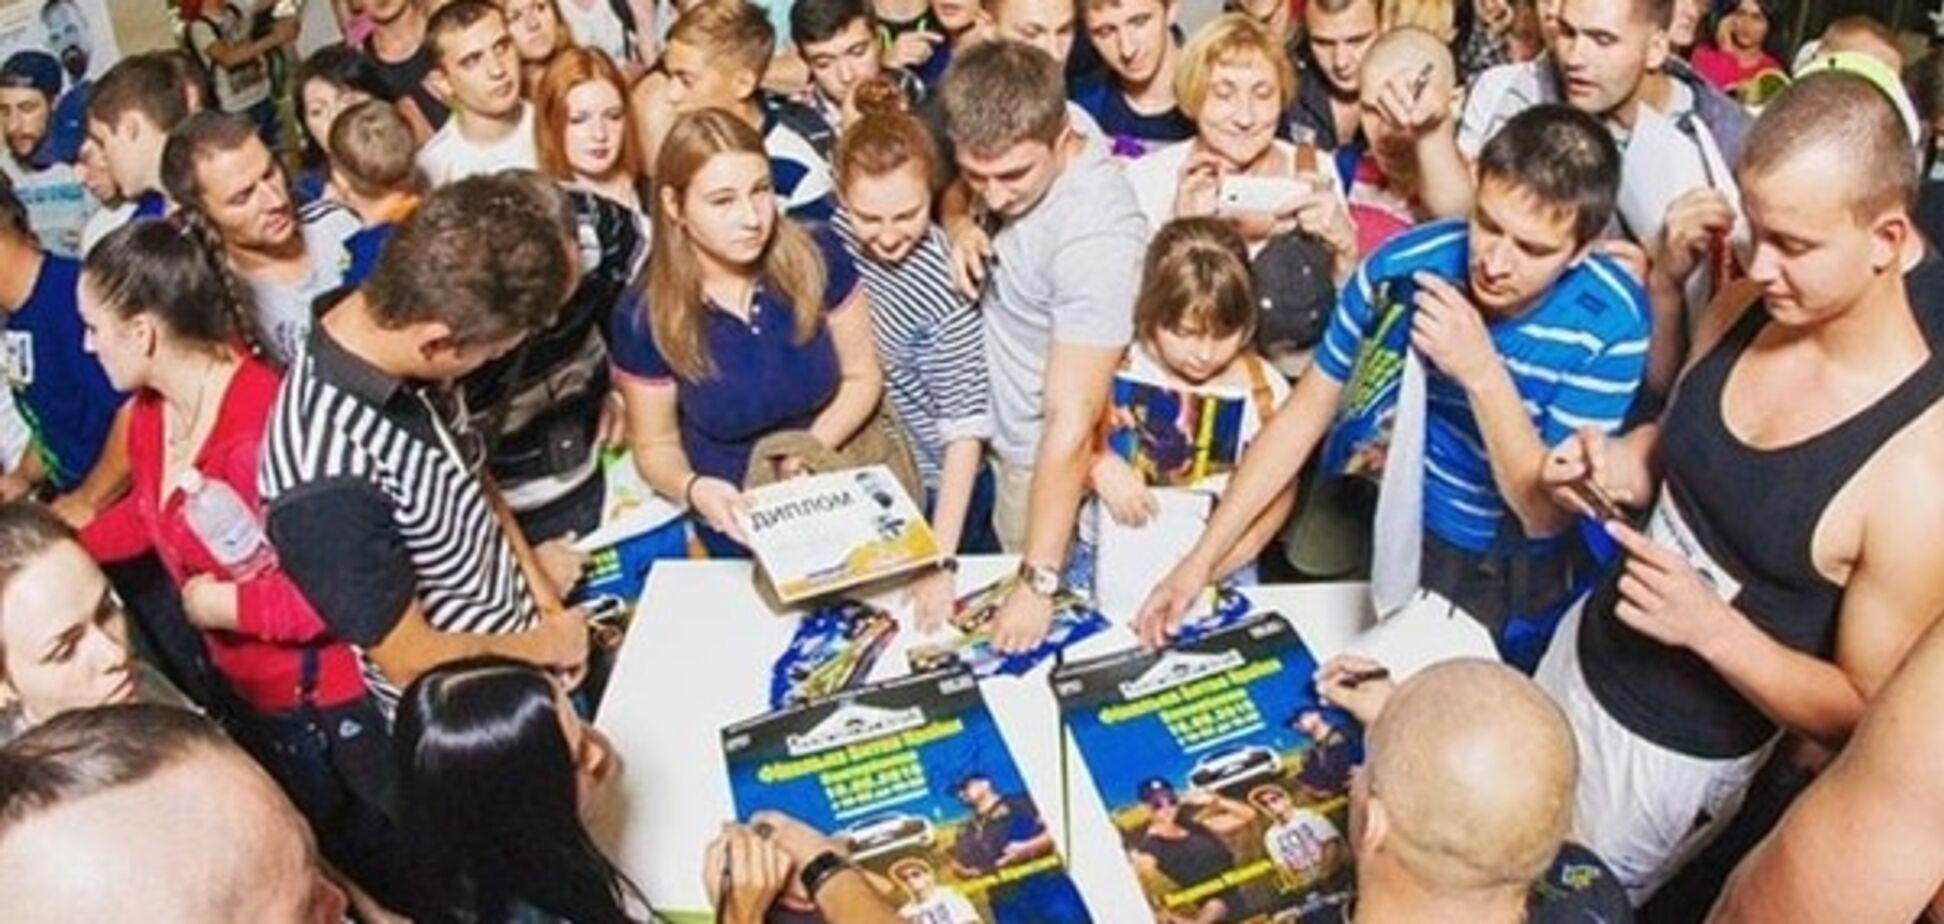 За автографом к красавице-копу Милевич выстроилась очередь: фотофакт